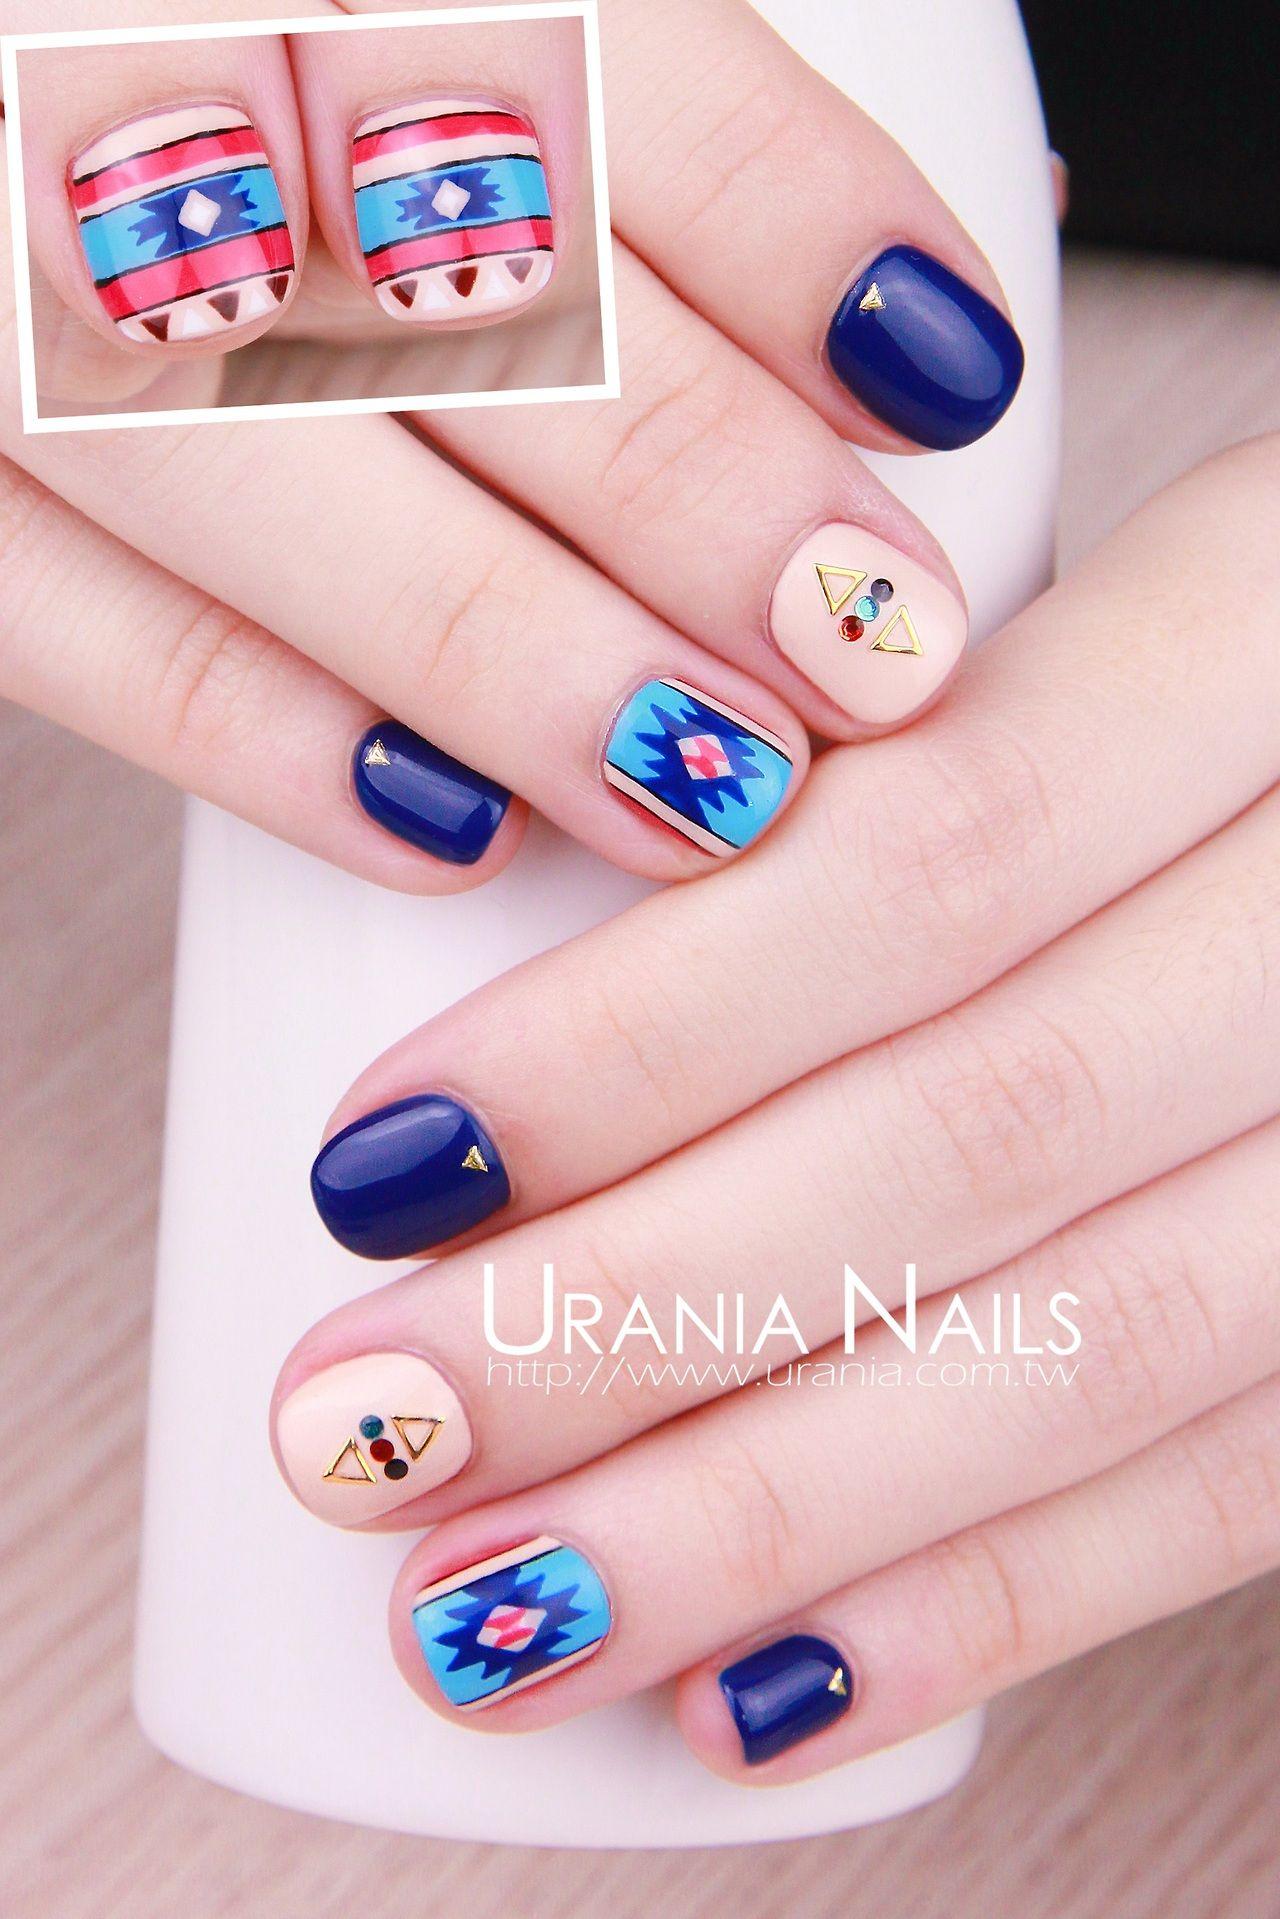 Uraniaasia nail nails nailart asian artists nails pinterest